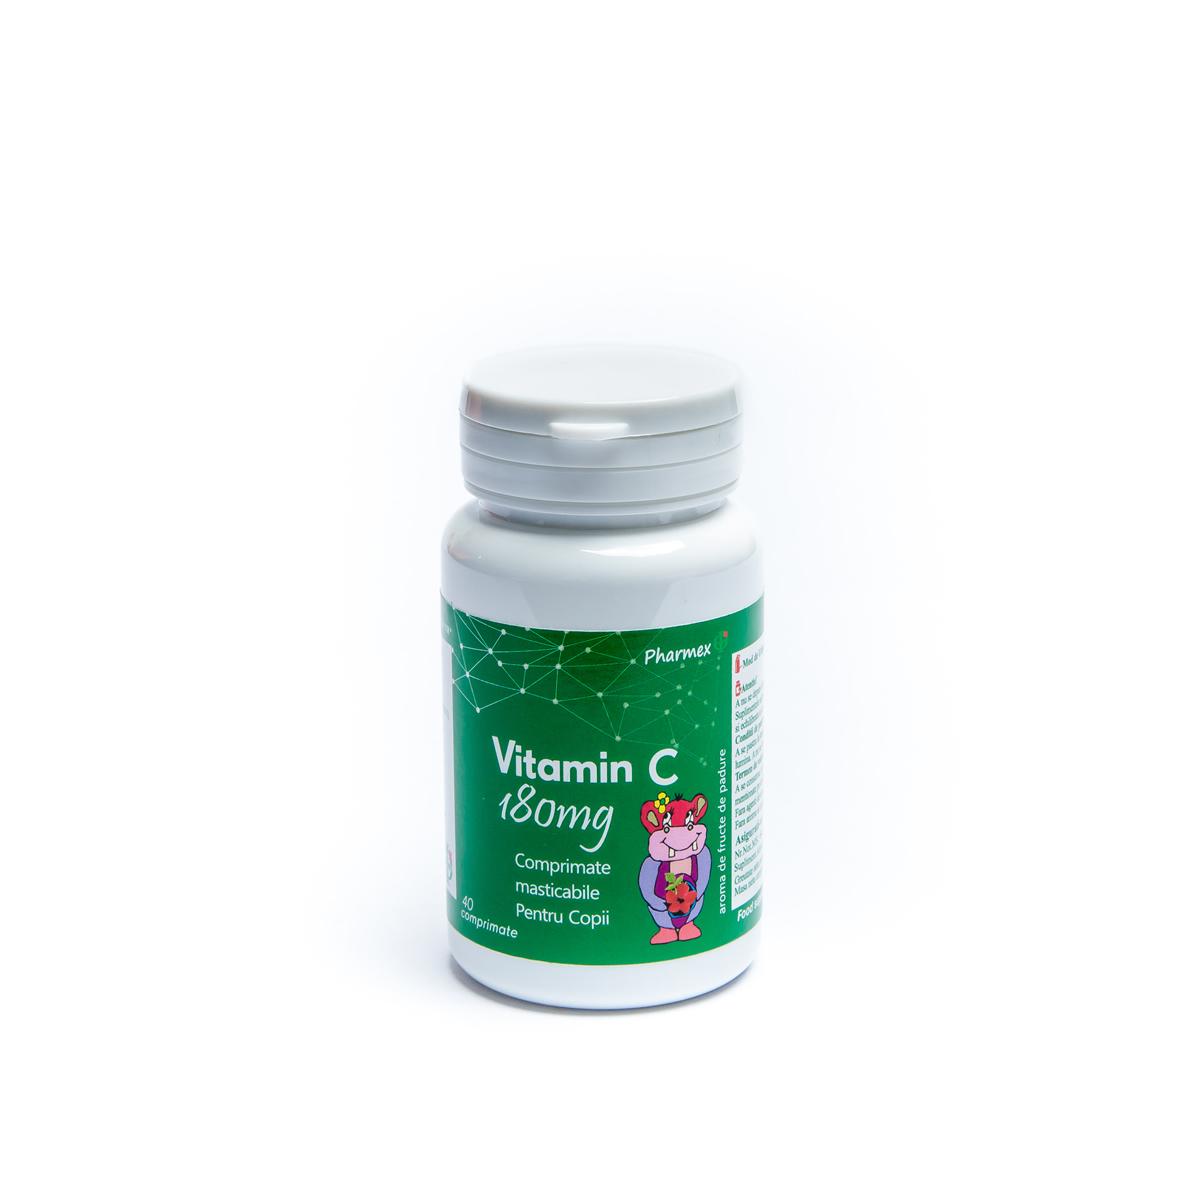 VM13_vitamina_c_180mg